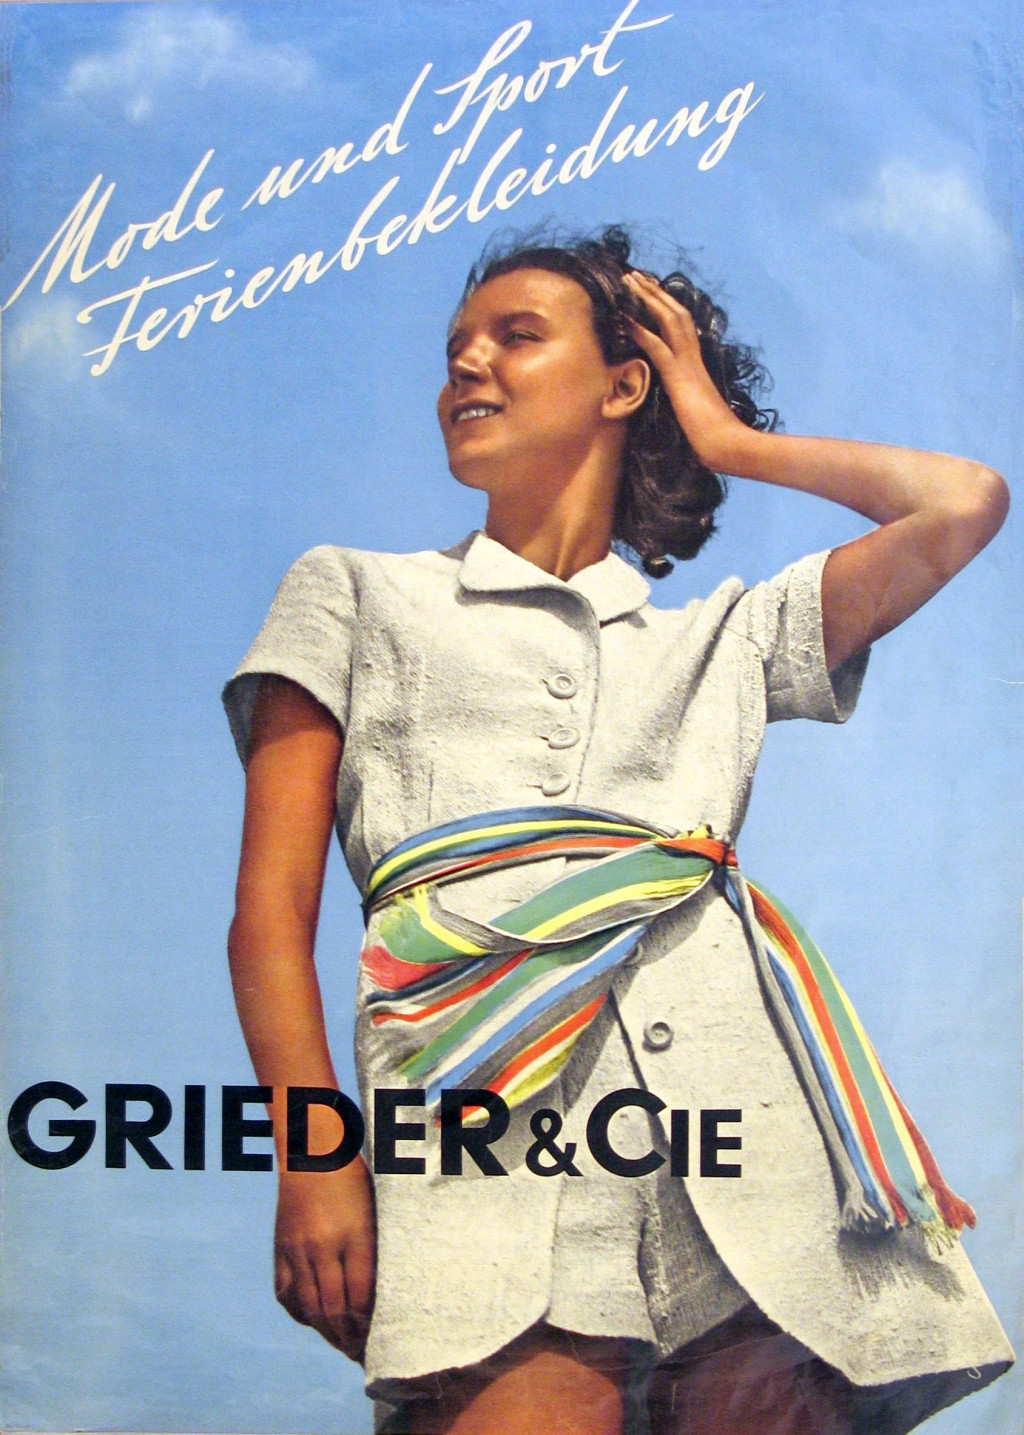 Ontwerper onbekend, affiche 'Grieder & Cie., Mode und Sport Ferienbekleidung', ca. 1934, collectie Stedelijk Museum, Amsterdam.